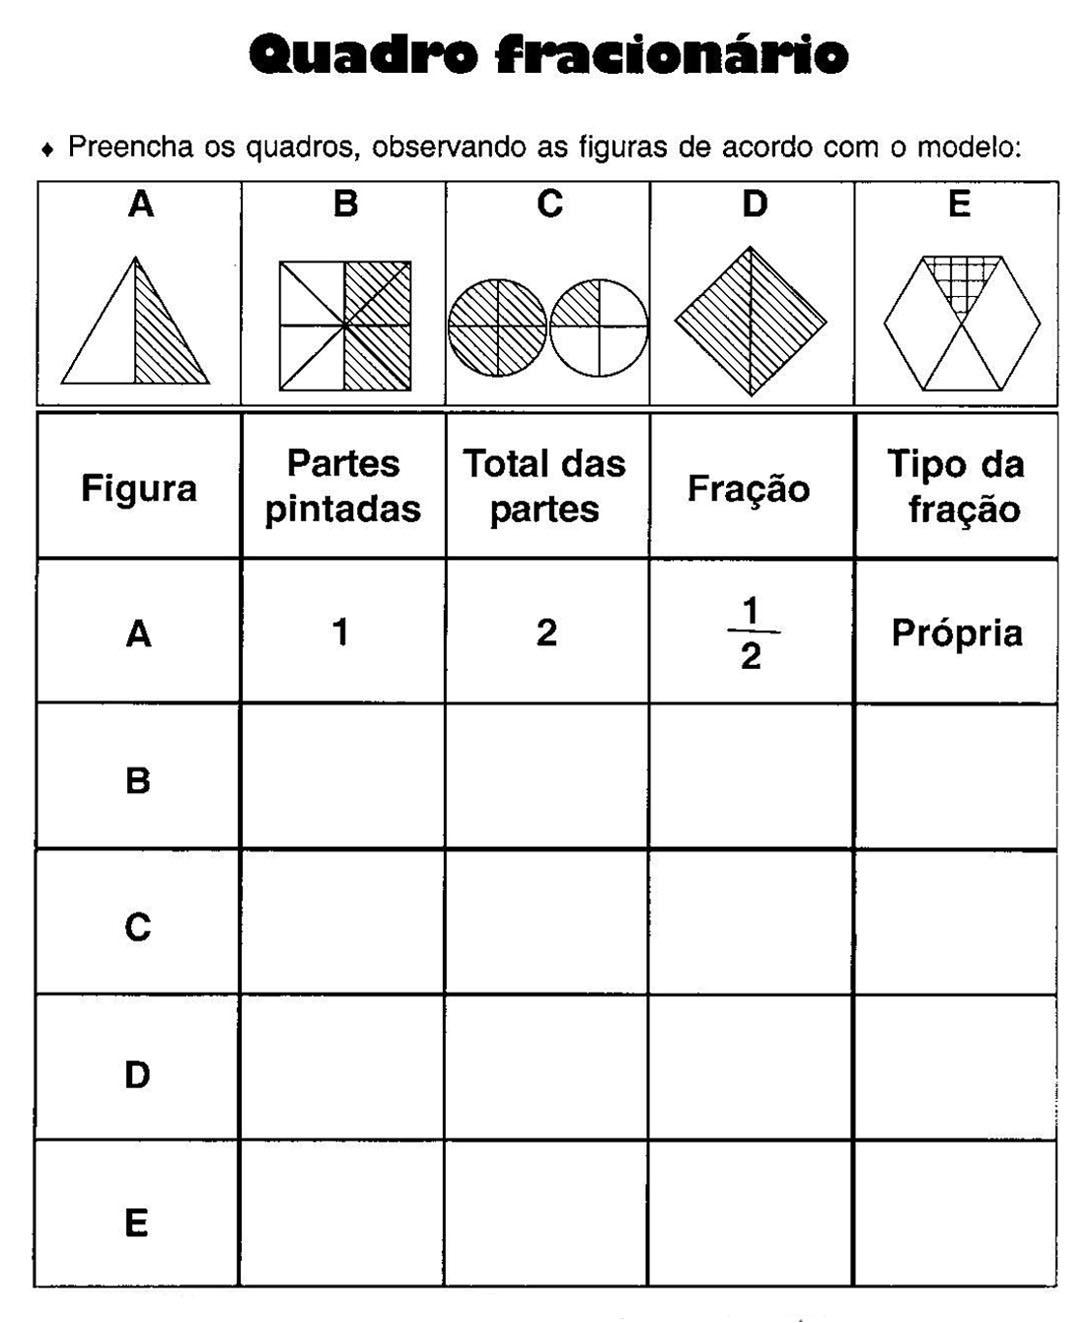 Excepcional Escola Saber: Atividades com frações para imprimir TJ83